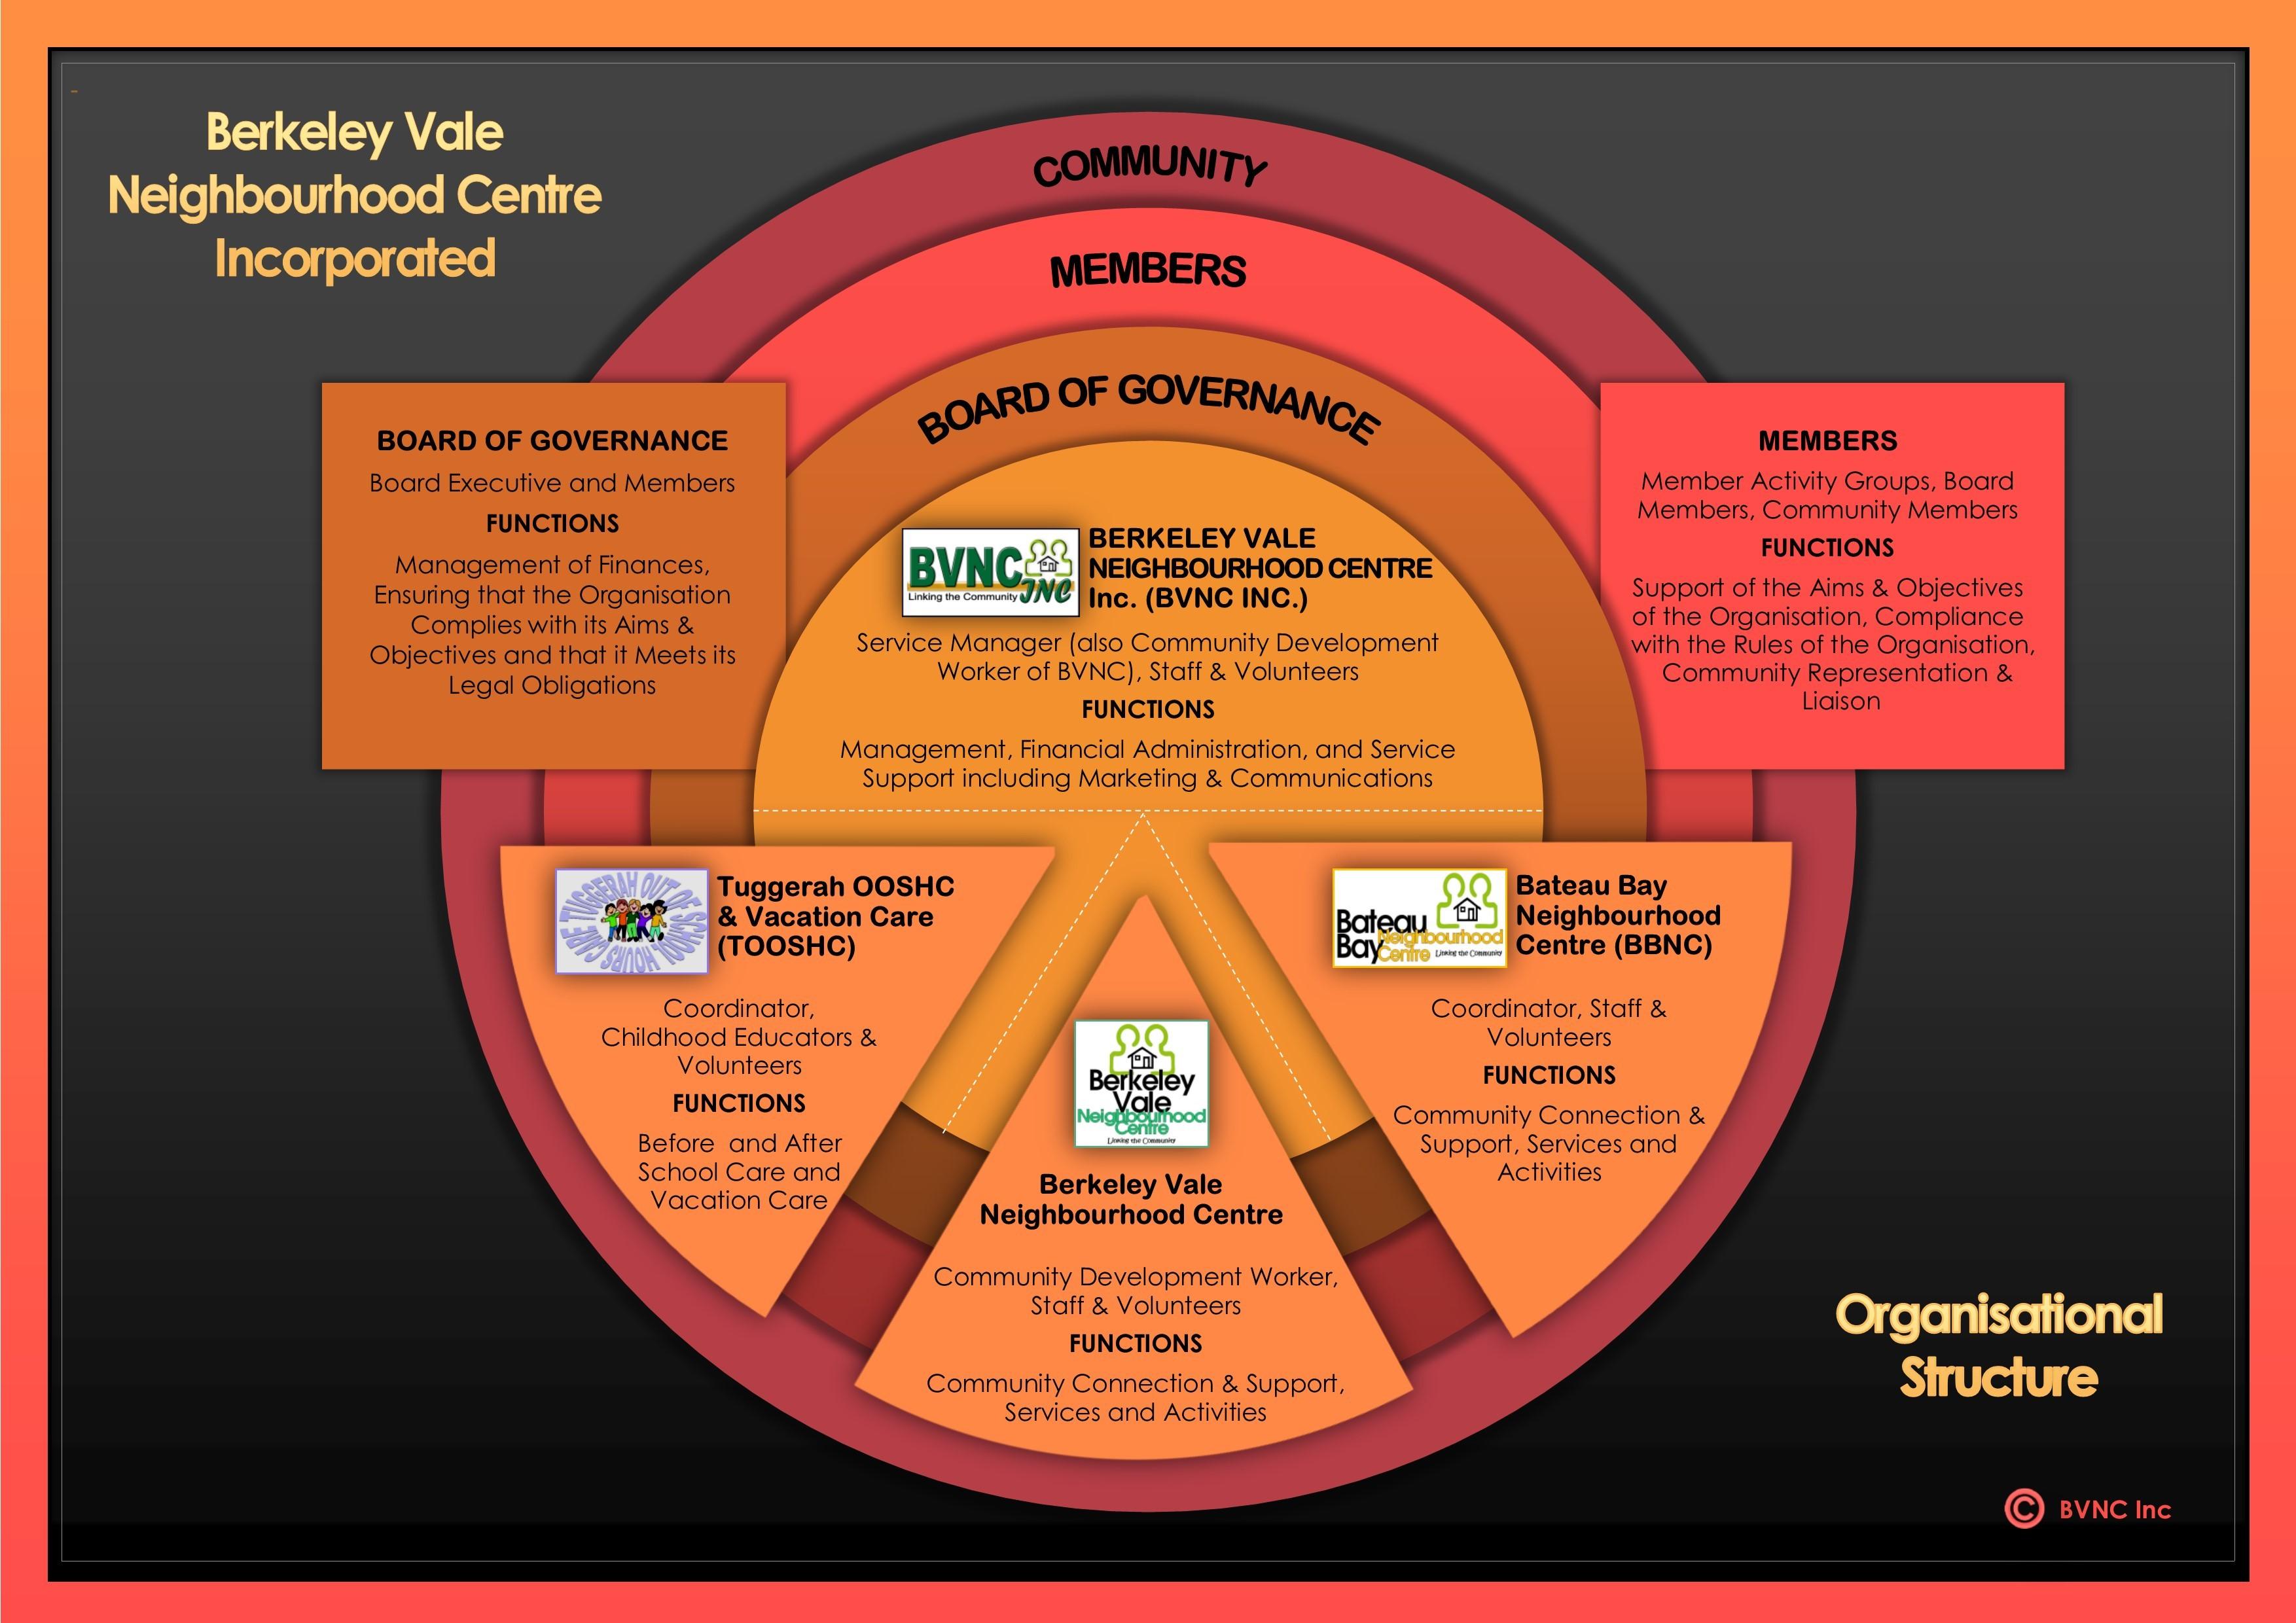 BVNCIncOrganisationalStructure